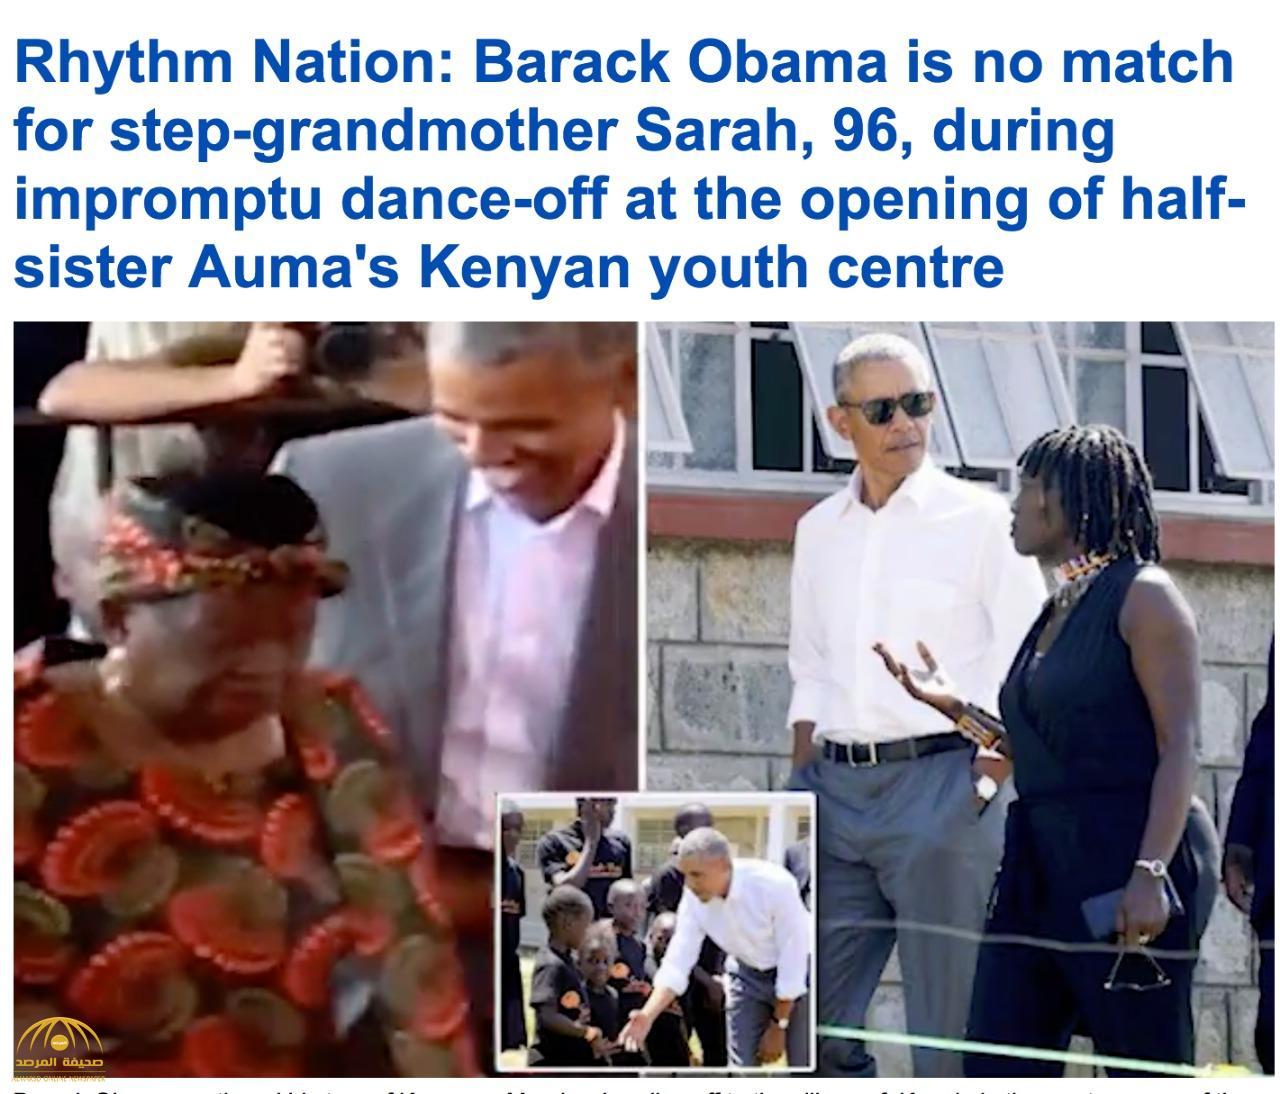 شاهد .. باراك أوباما يزور بلده الأصلي كينيا ويرقص مع جدته سارة